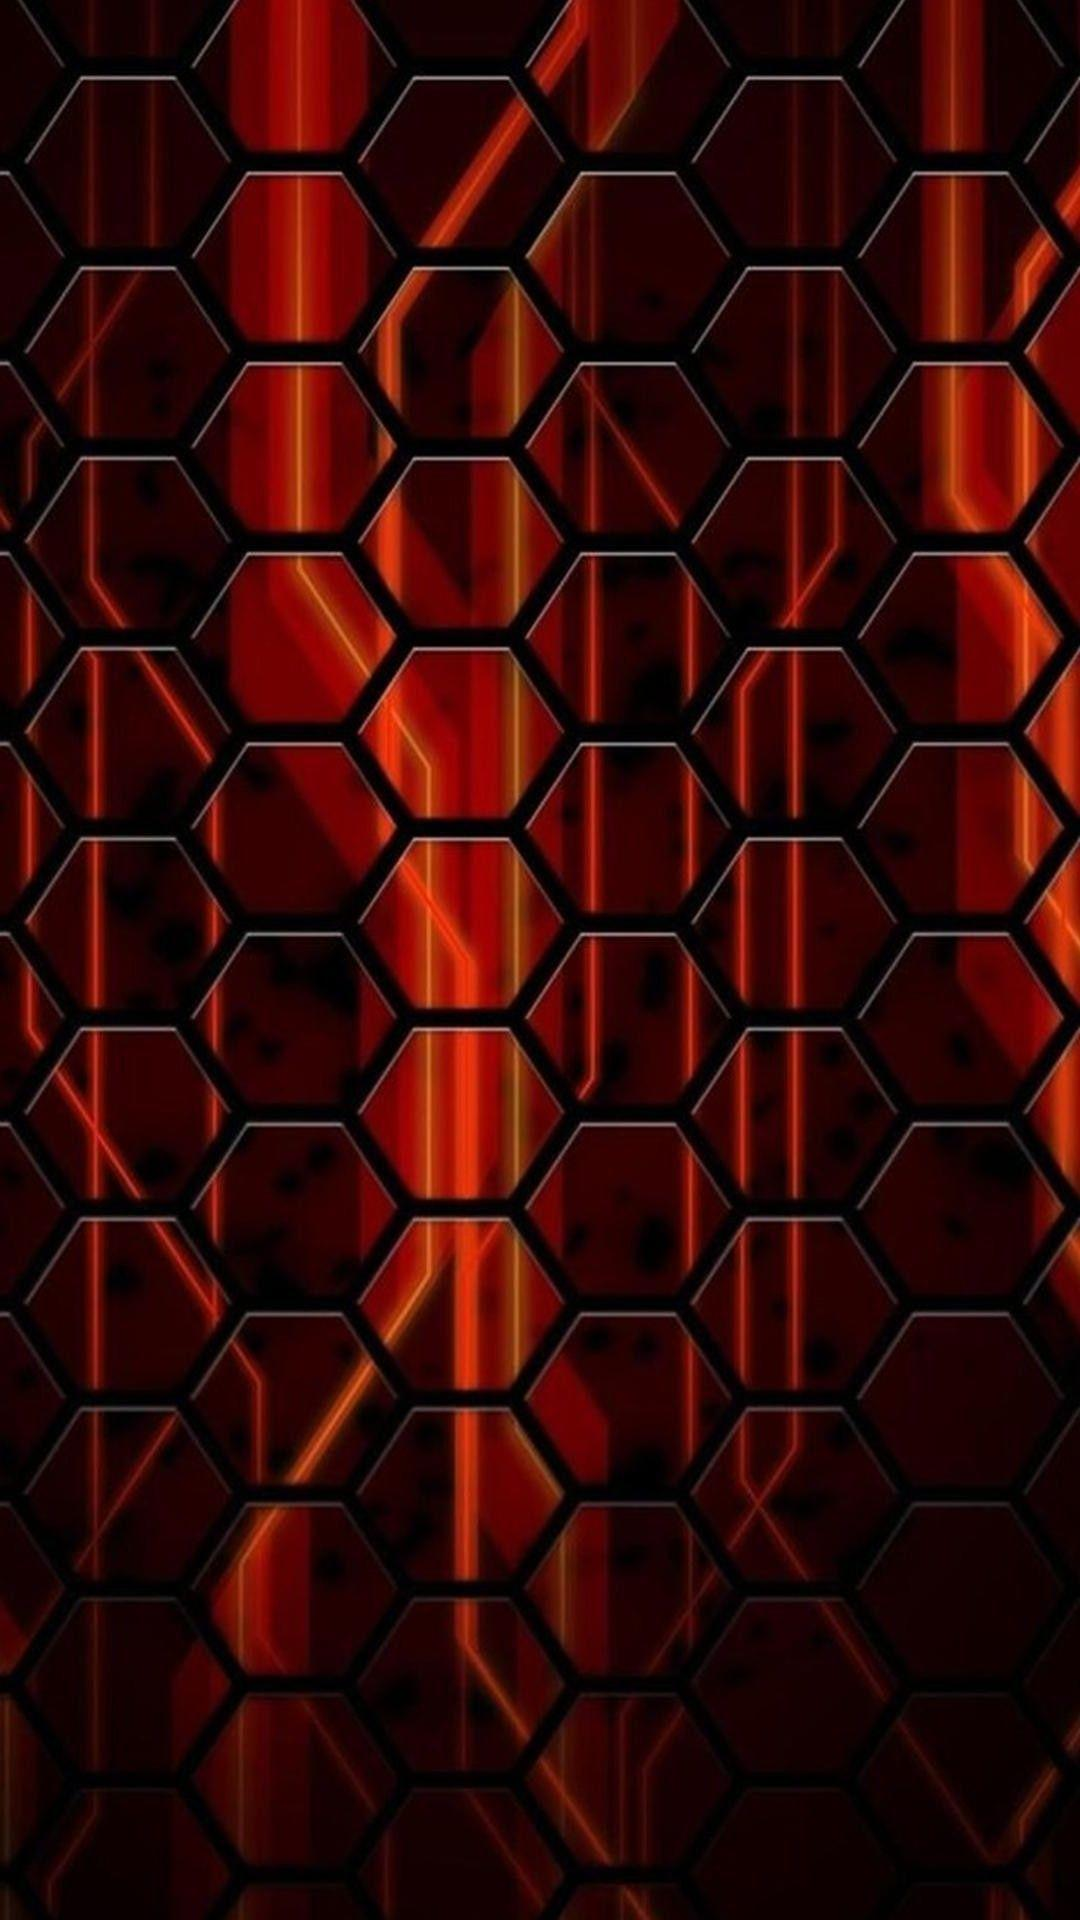 wallpaper for whatsapp dp